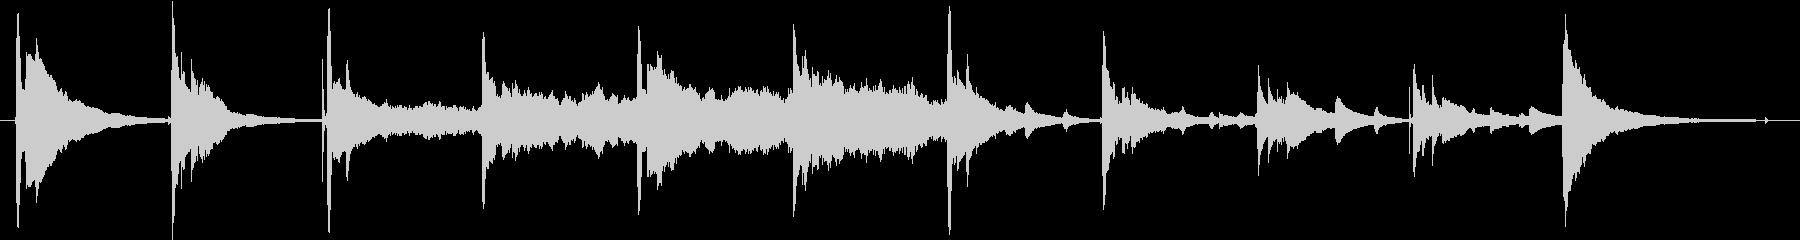 アコギループ中心、少し切ない曲の未再生の波形